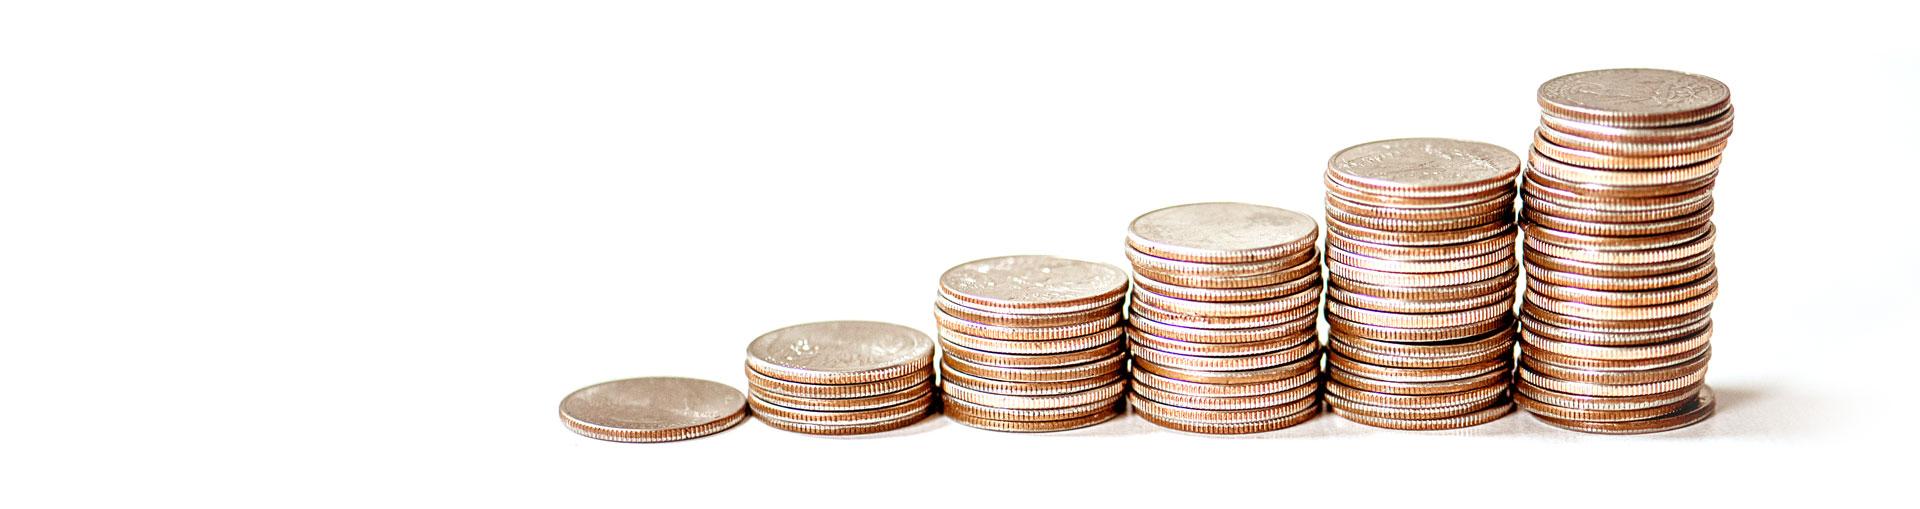 pices monnaie